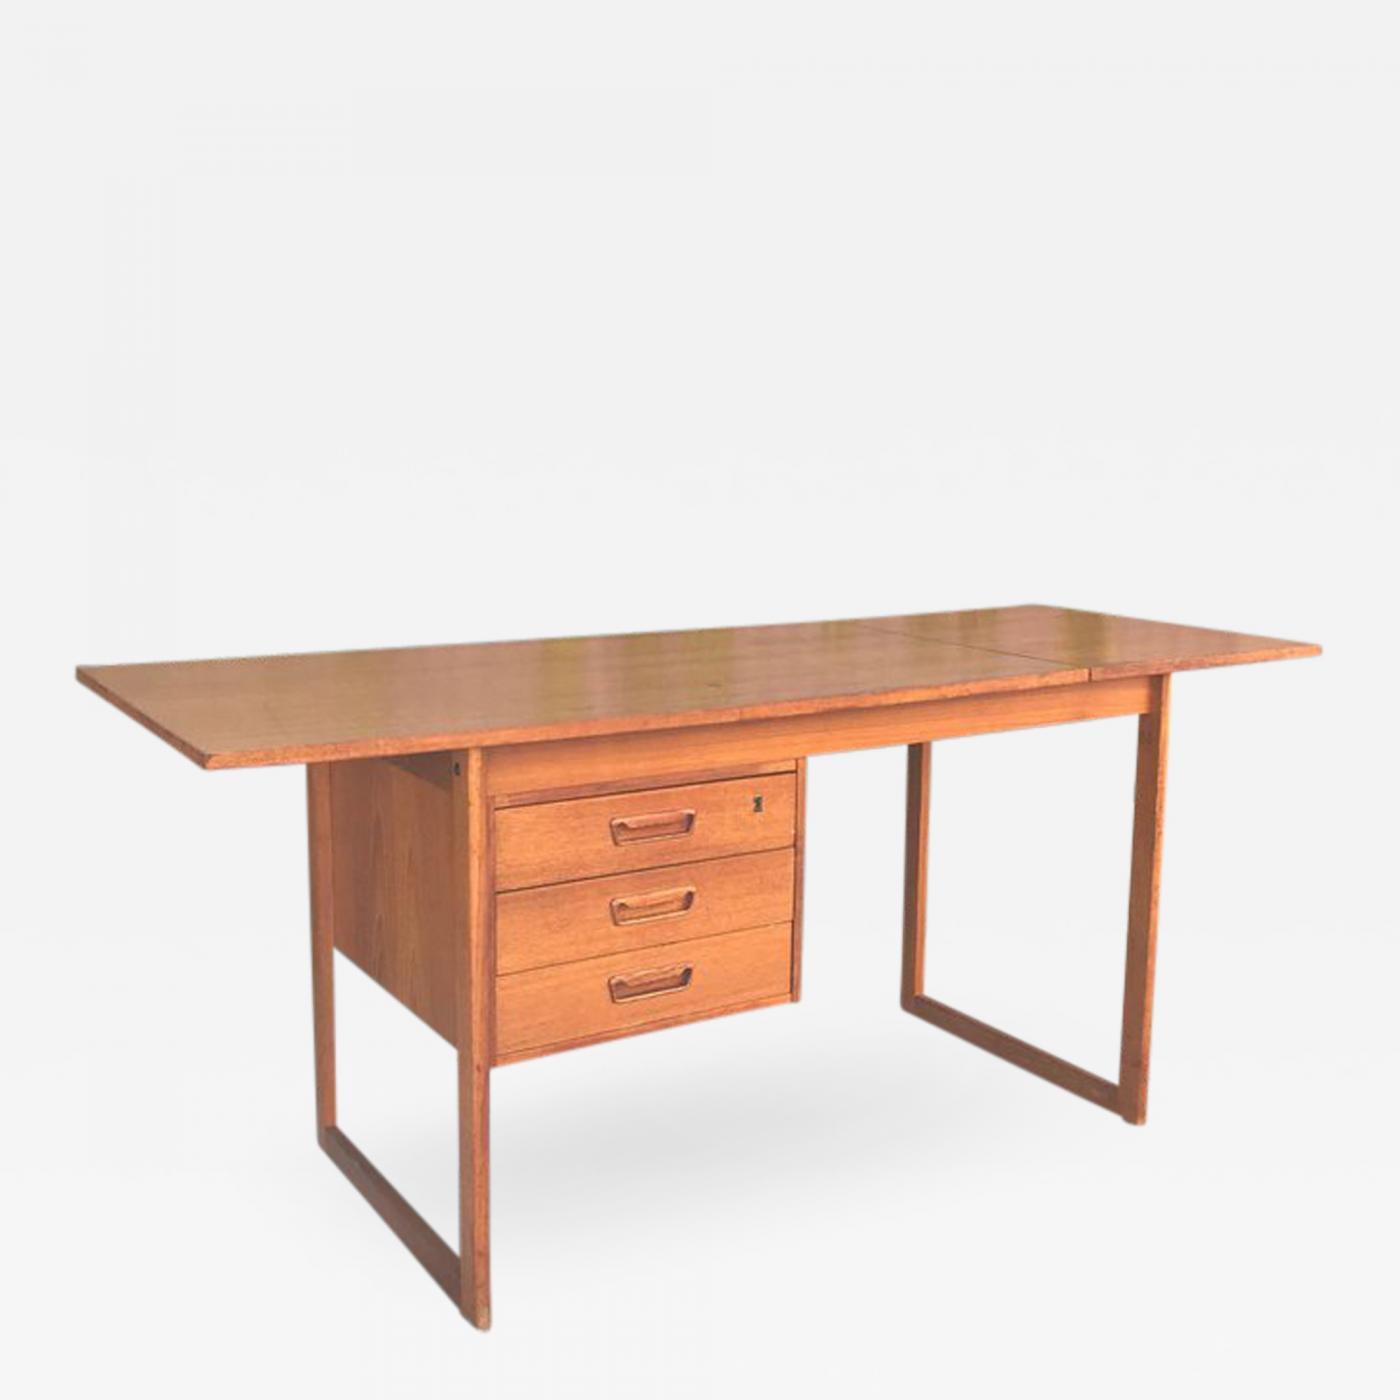 Image of: Arne Vodder Arne Vodder Drop Leaf Midcentury Danish Modern Teak Desk